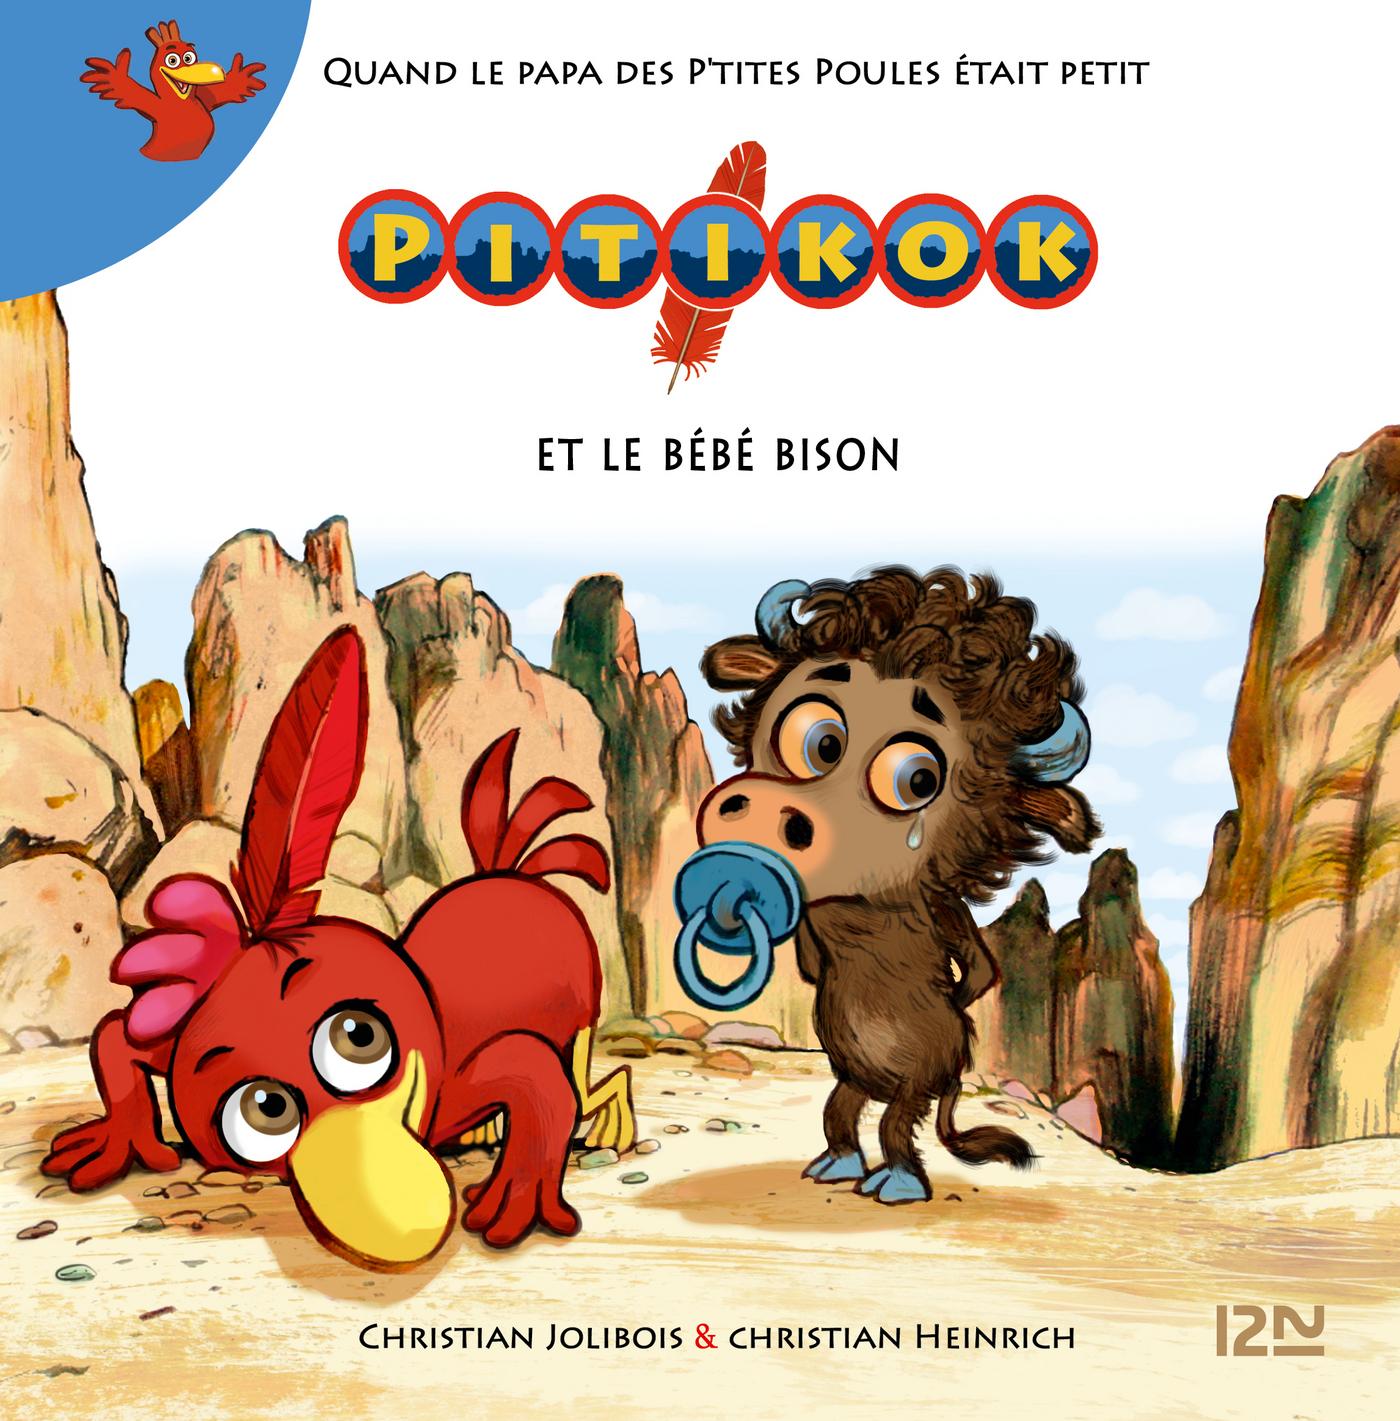 Pitikok et le bébé bison (ebook)